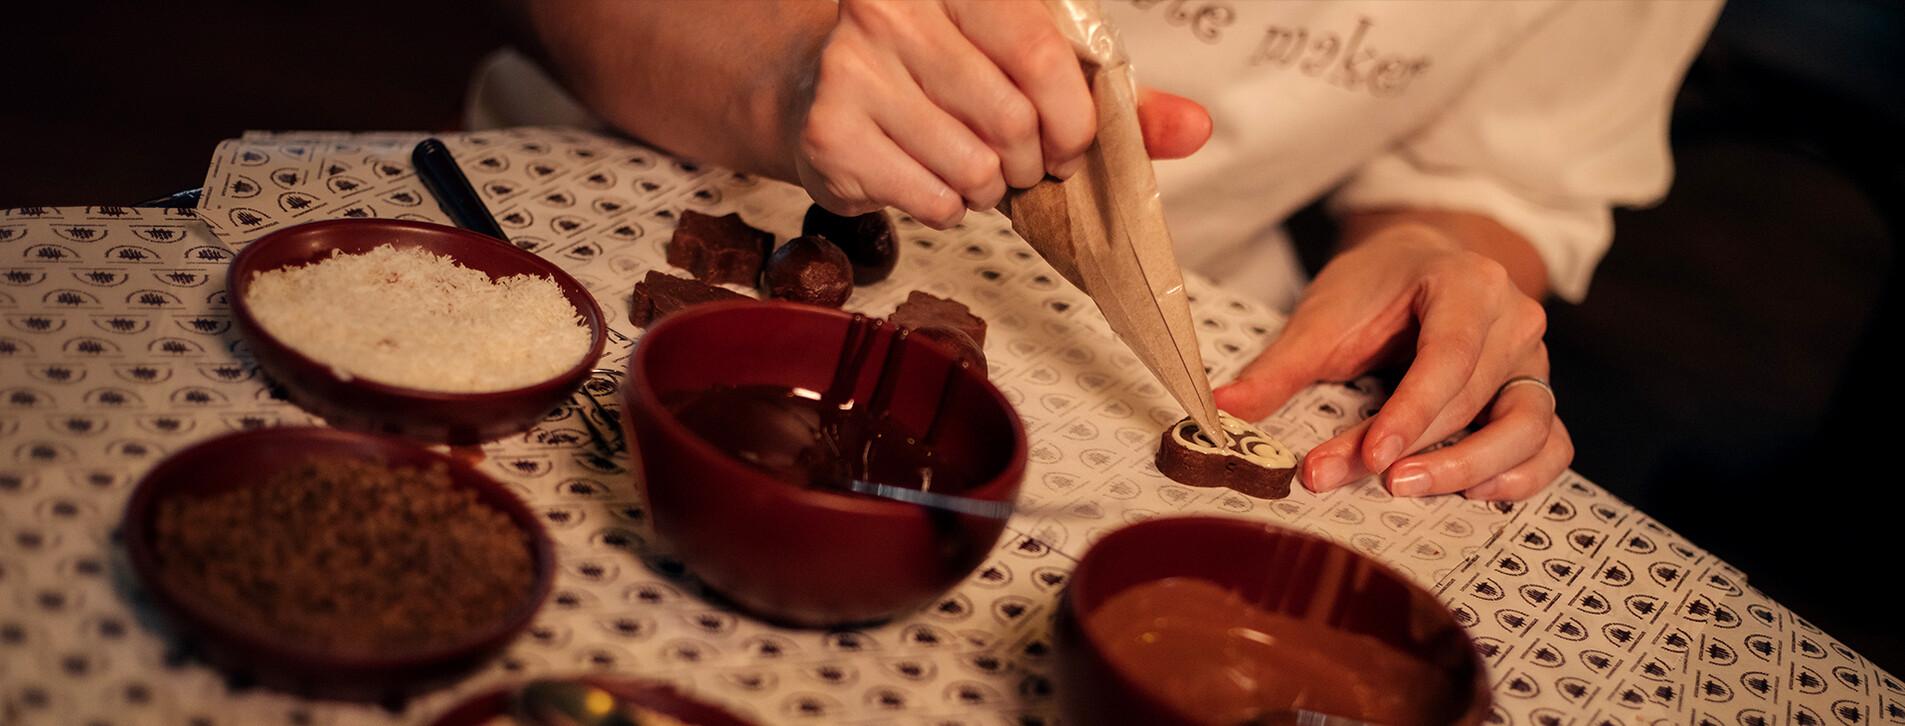 Фото 1 - Шоколадный мастер-класс для компании